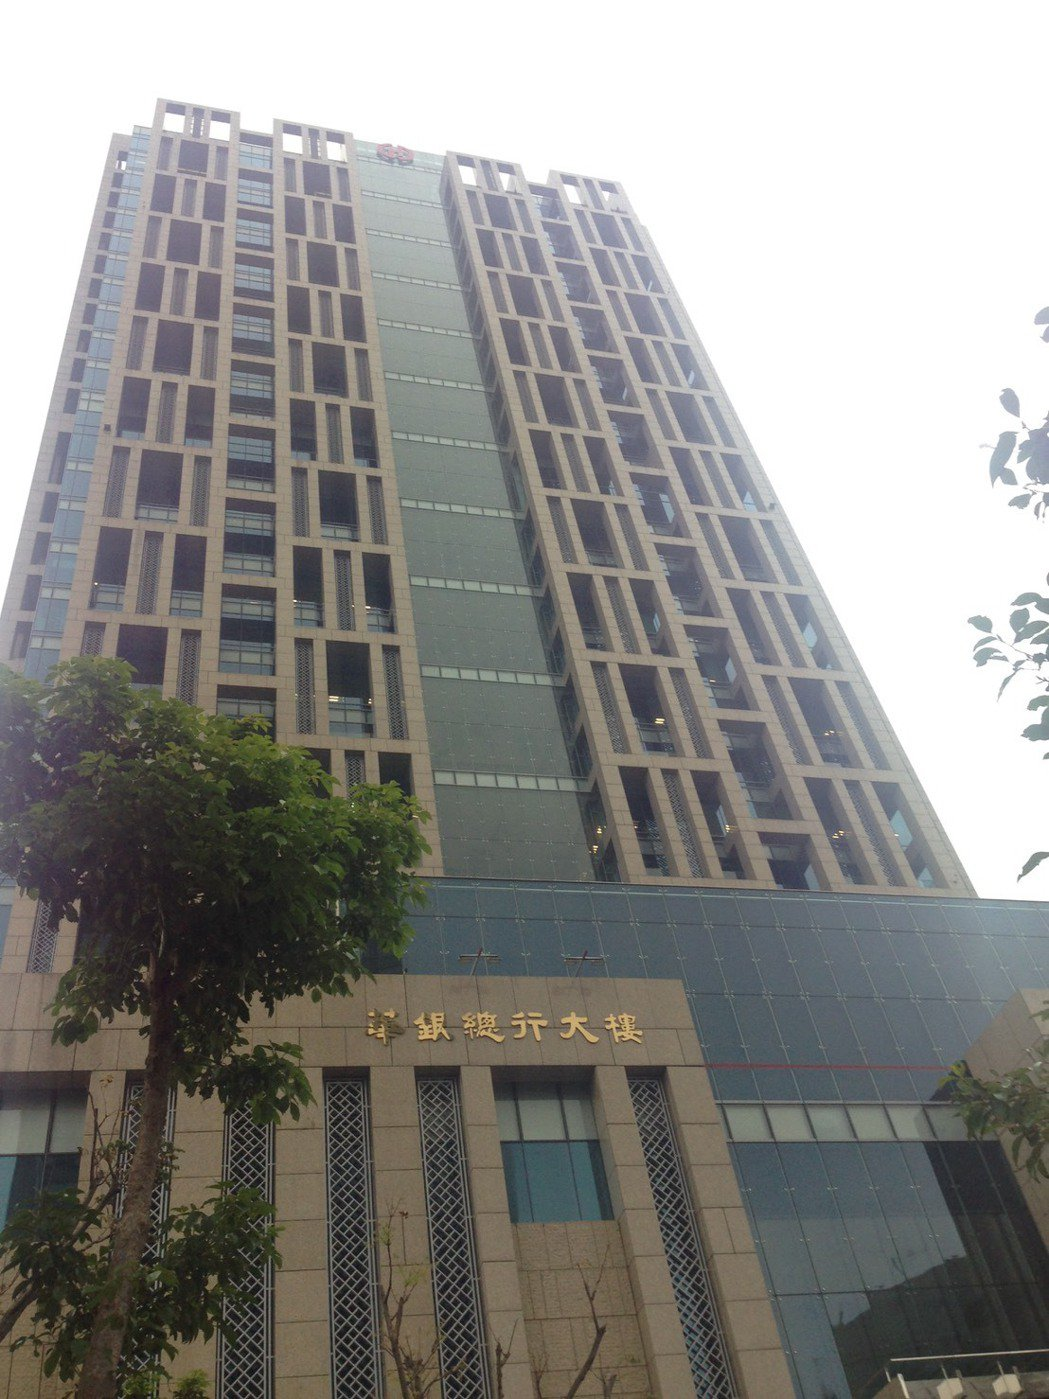 華南銀行總行大樓。記者沈婉玉/攝影